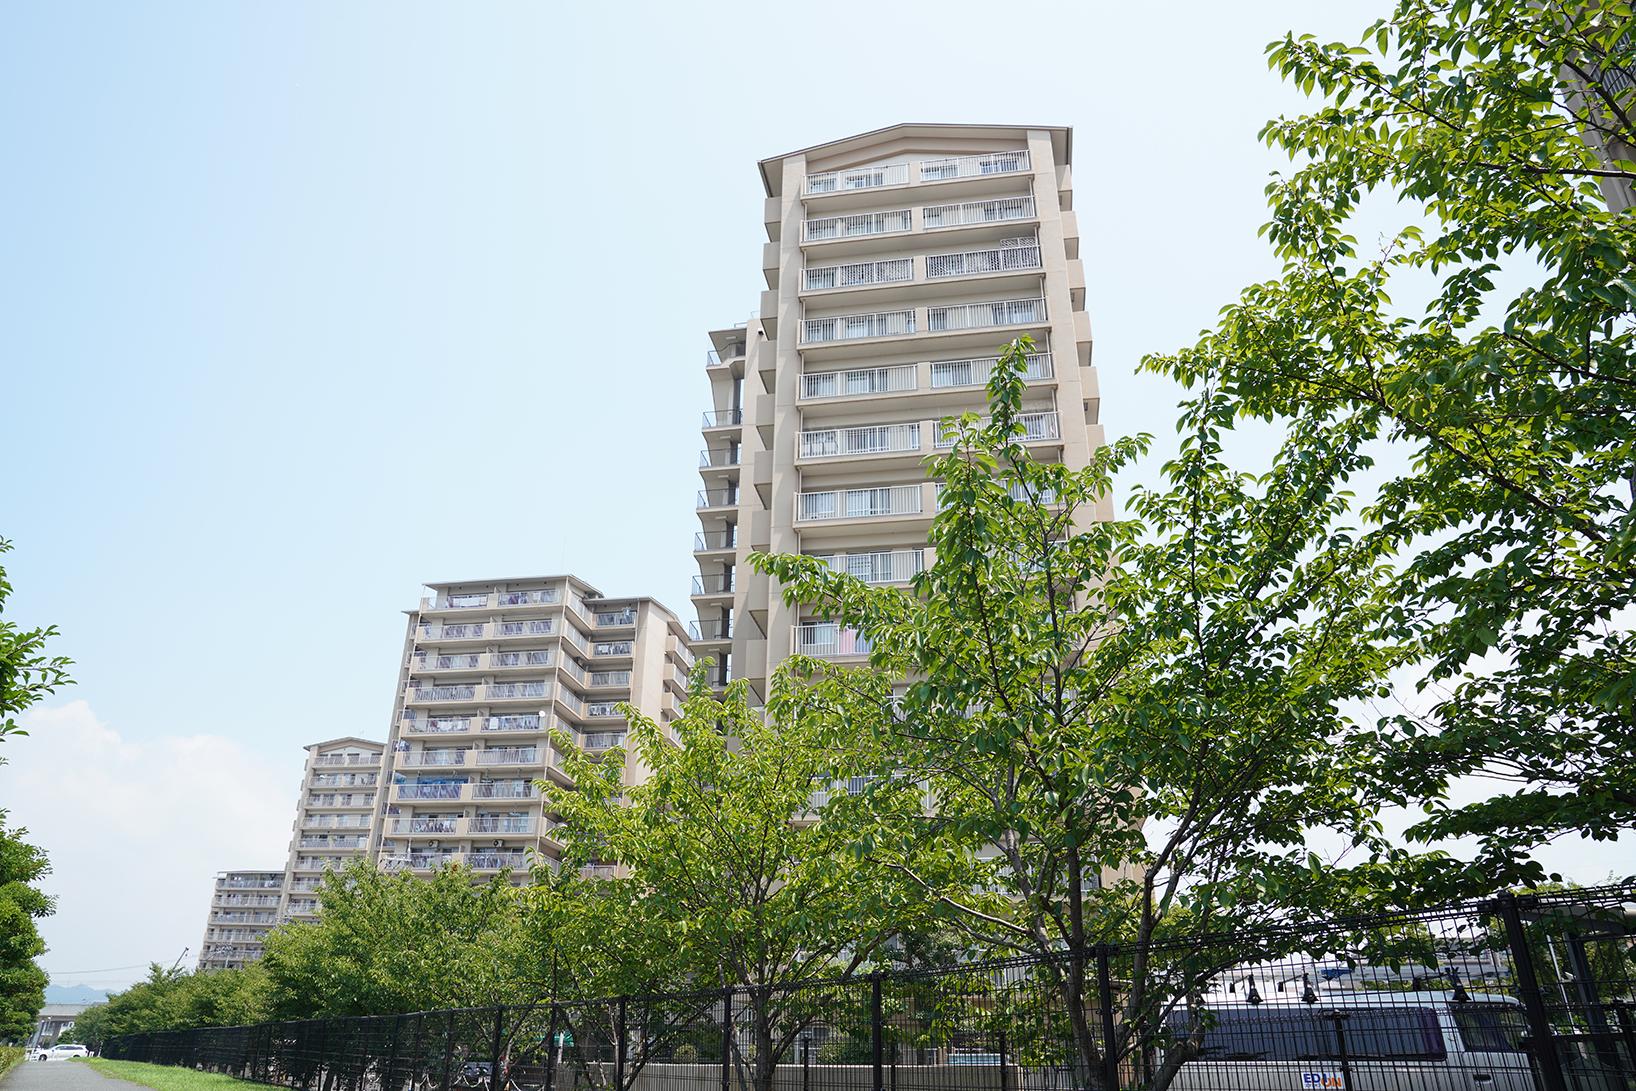 およそ1,800人が暮らす大規模マンション群「加古川グリーンシティ」